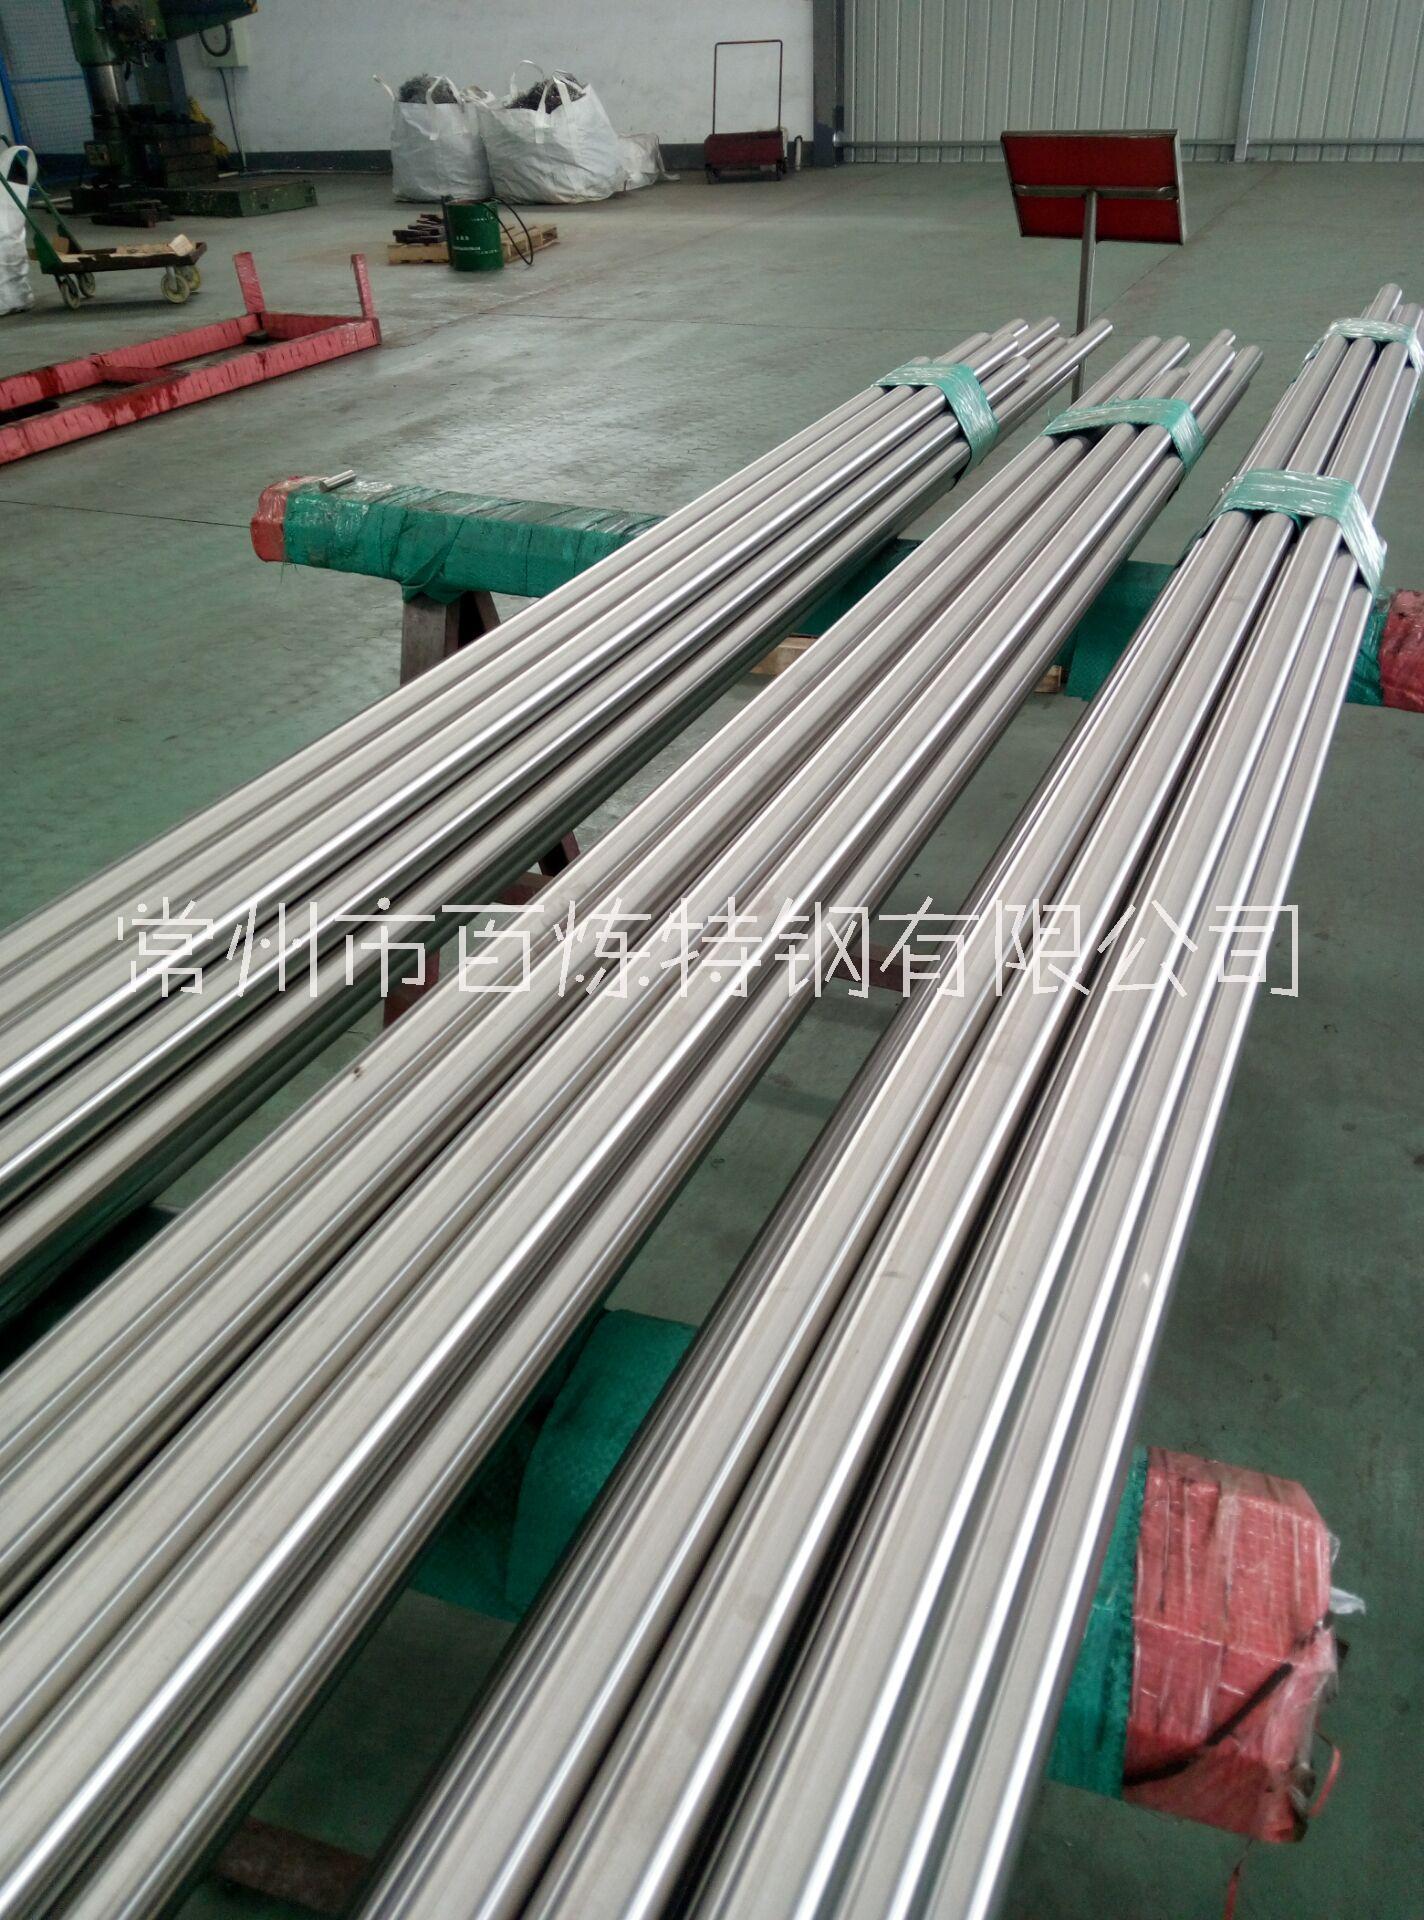 供应4J29殷钢 4J29可伐合金 4J29科瓦合金 4J29板棒管卷线 常州是百炼特钢